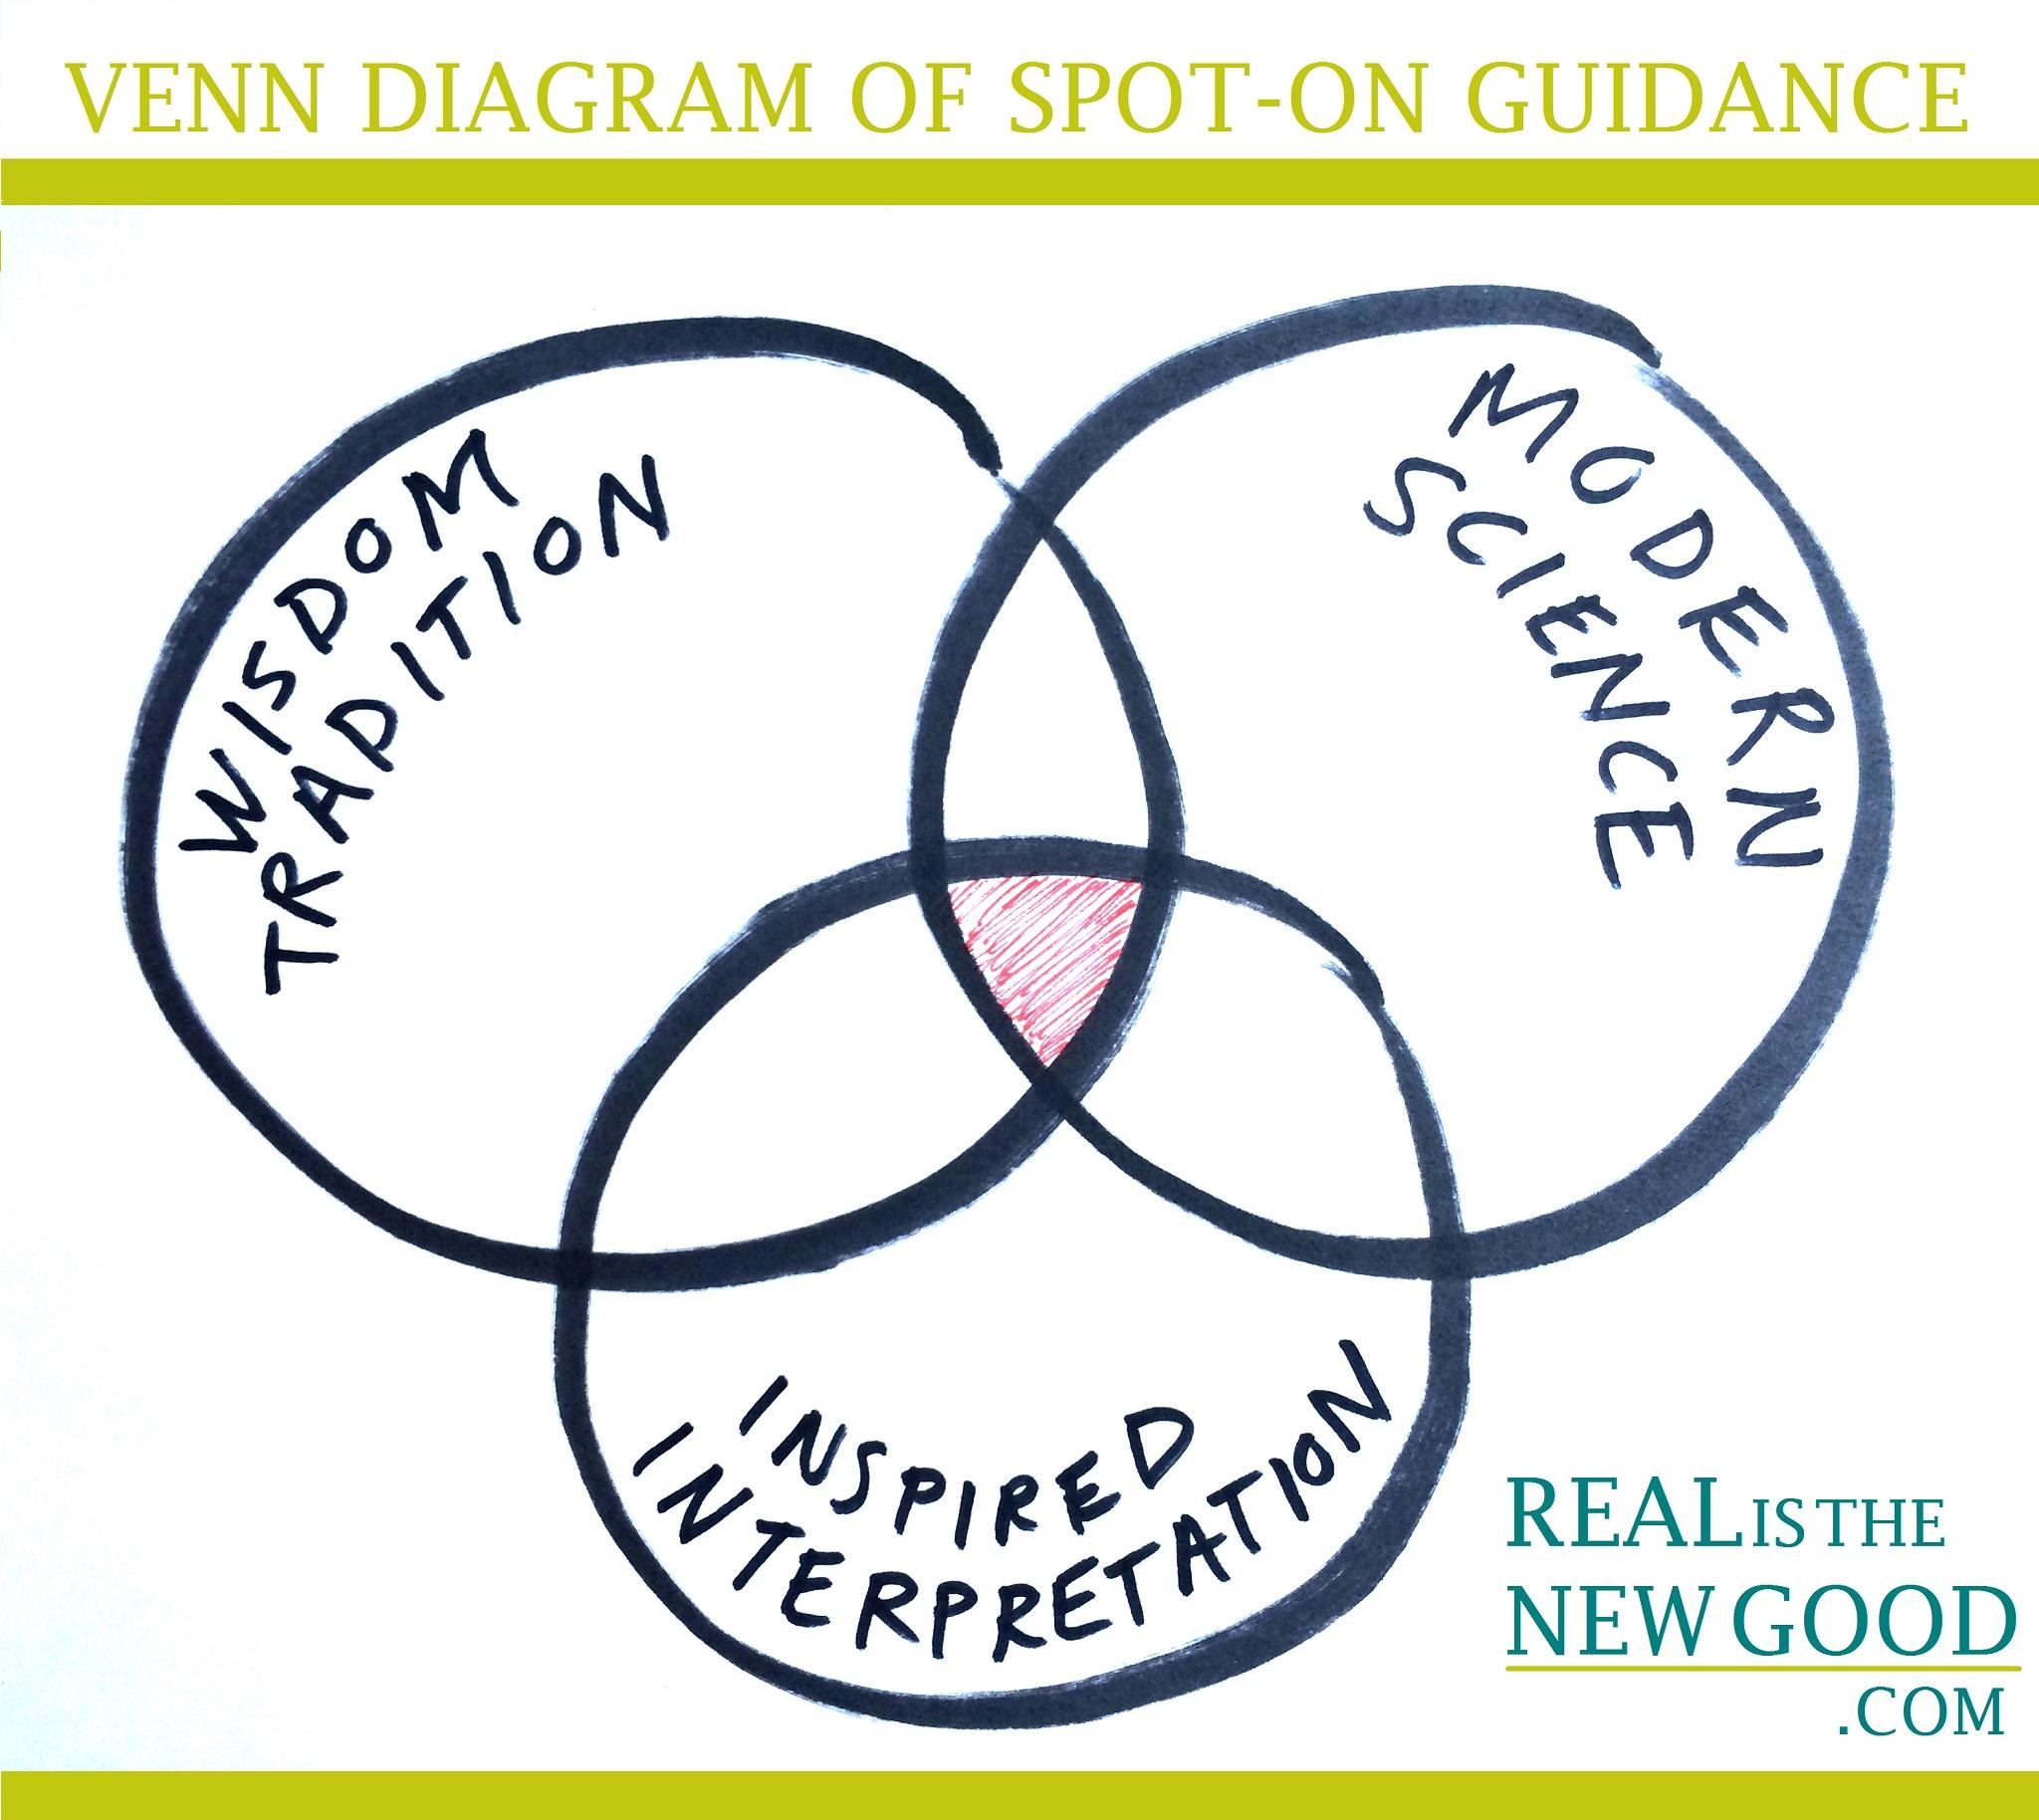 Venn Diagram of Spot-on Guidance